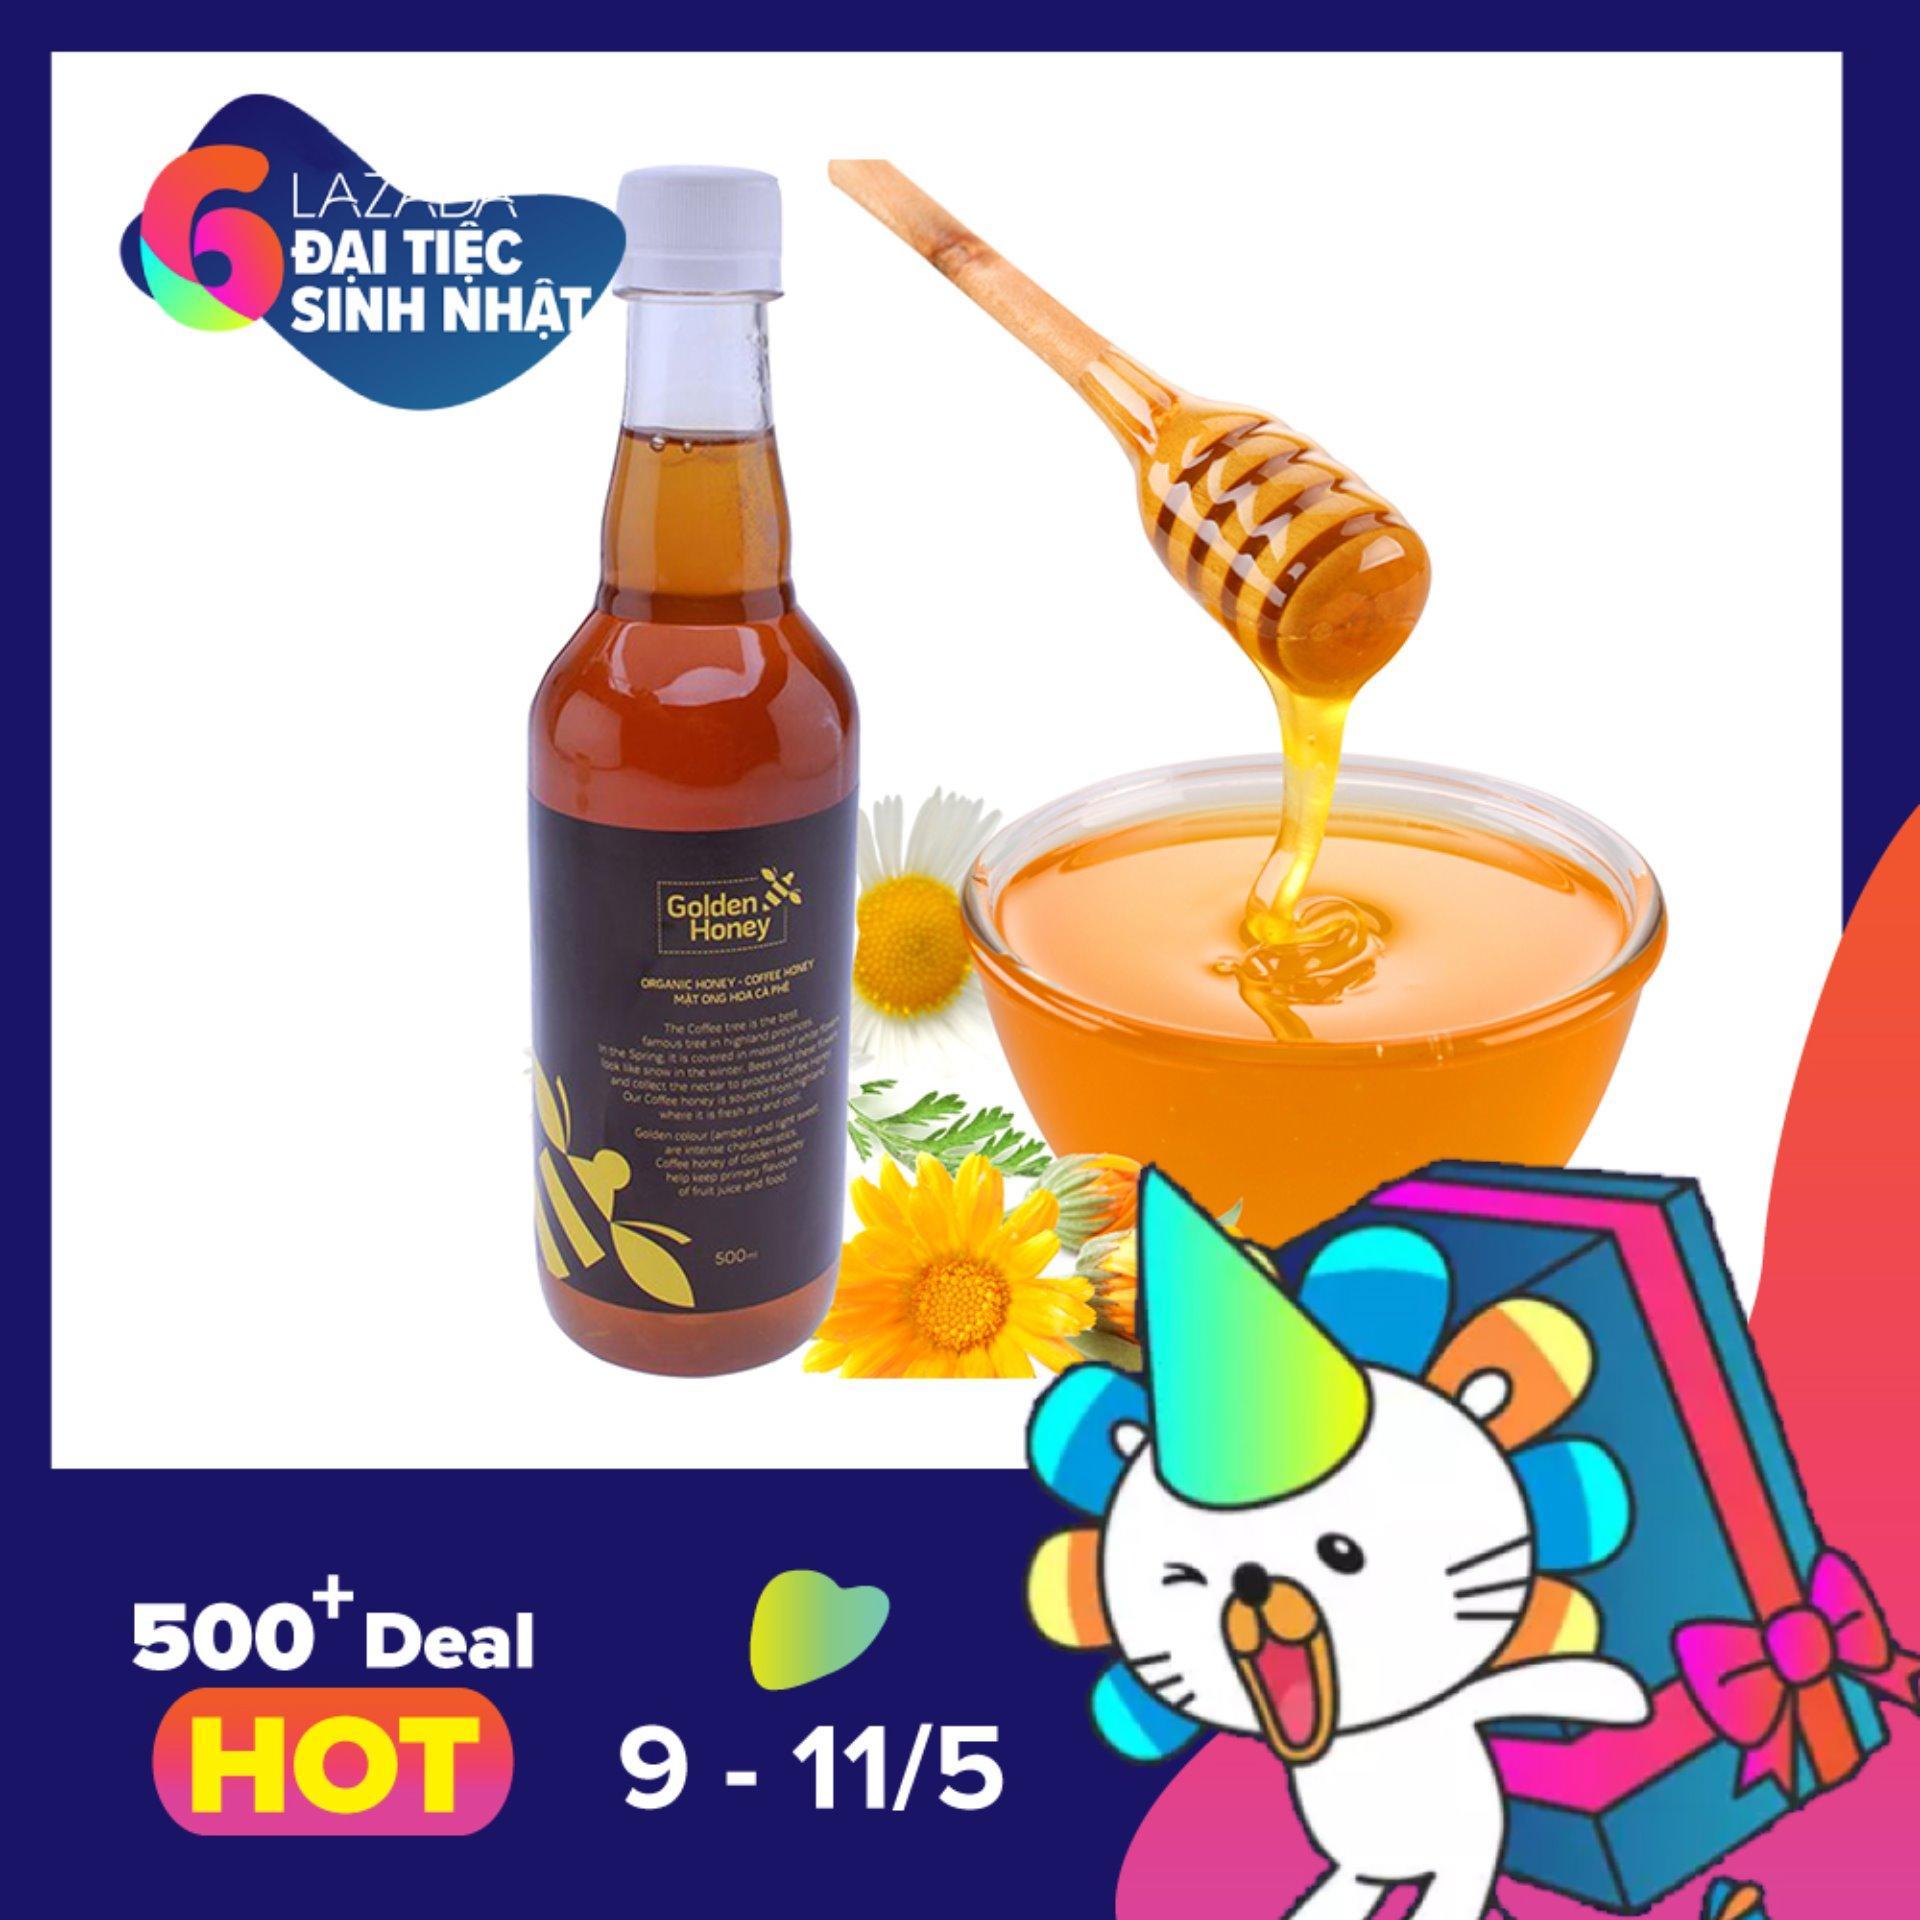 Bán Mua Mật Ong Hoa Ca Phe Golden Honey 500Ml